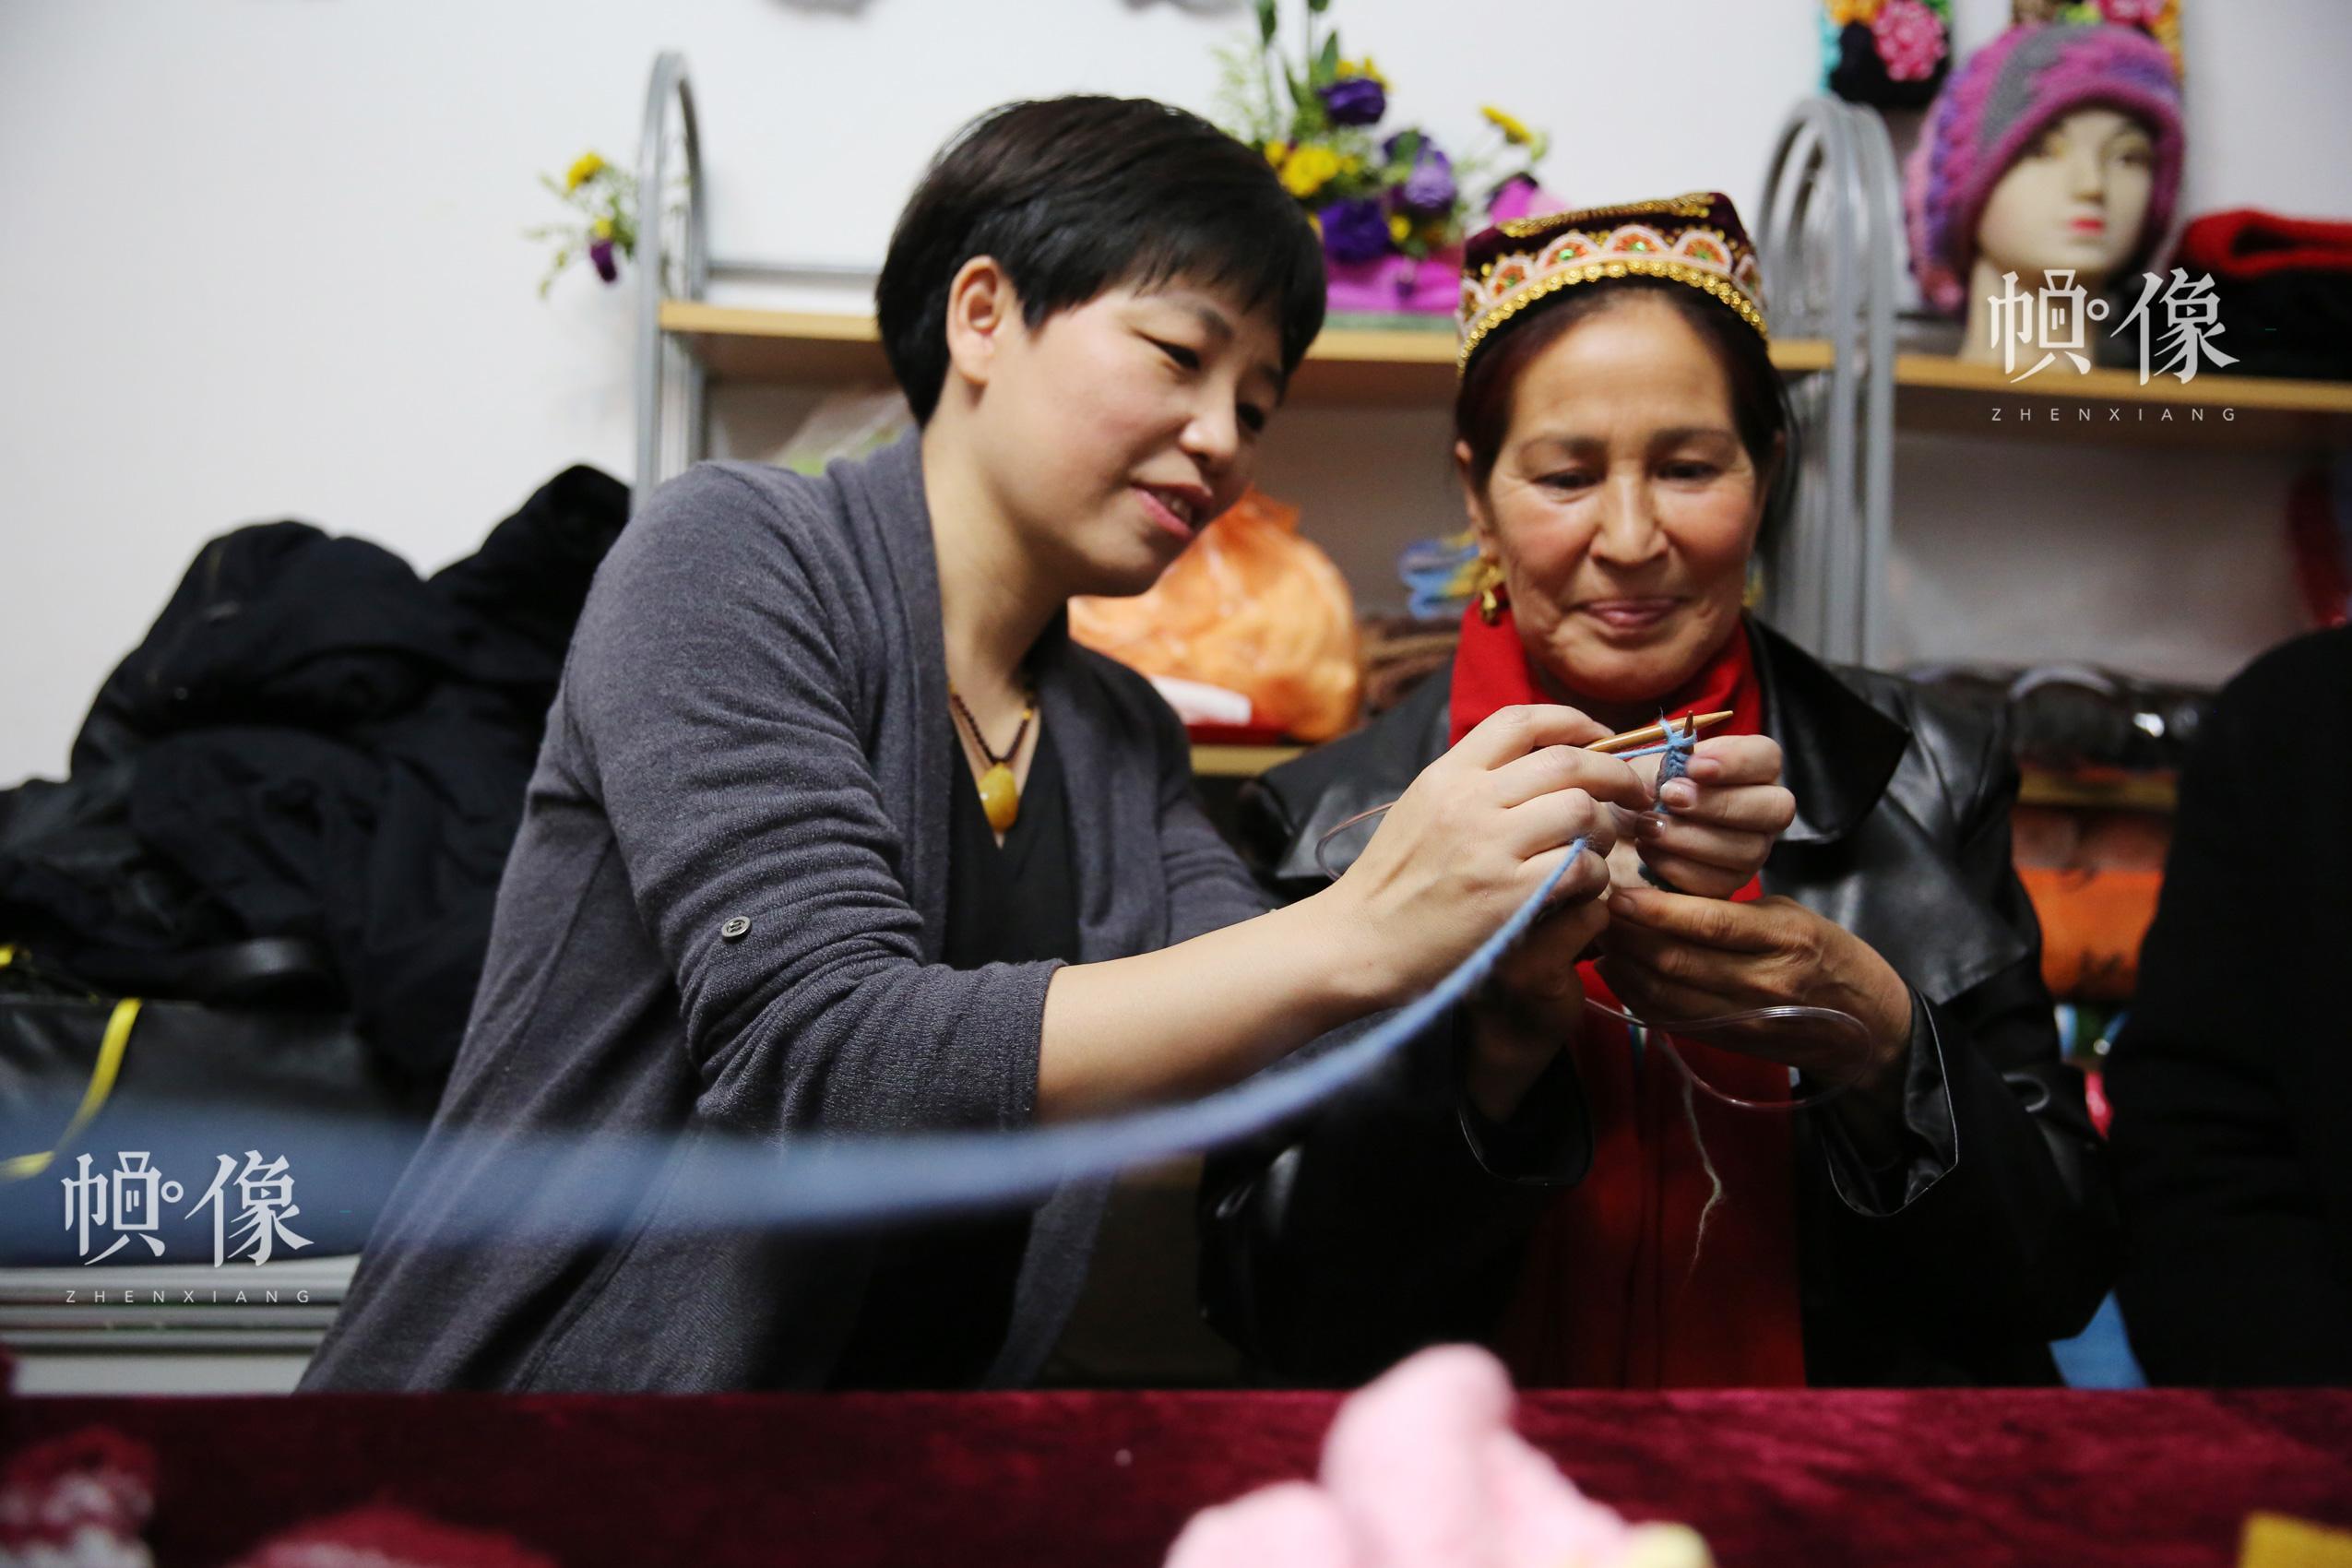 内地家庭与新疆家庭共织爱心毛衣。中国儿童少年基金会供图。